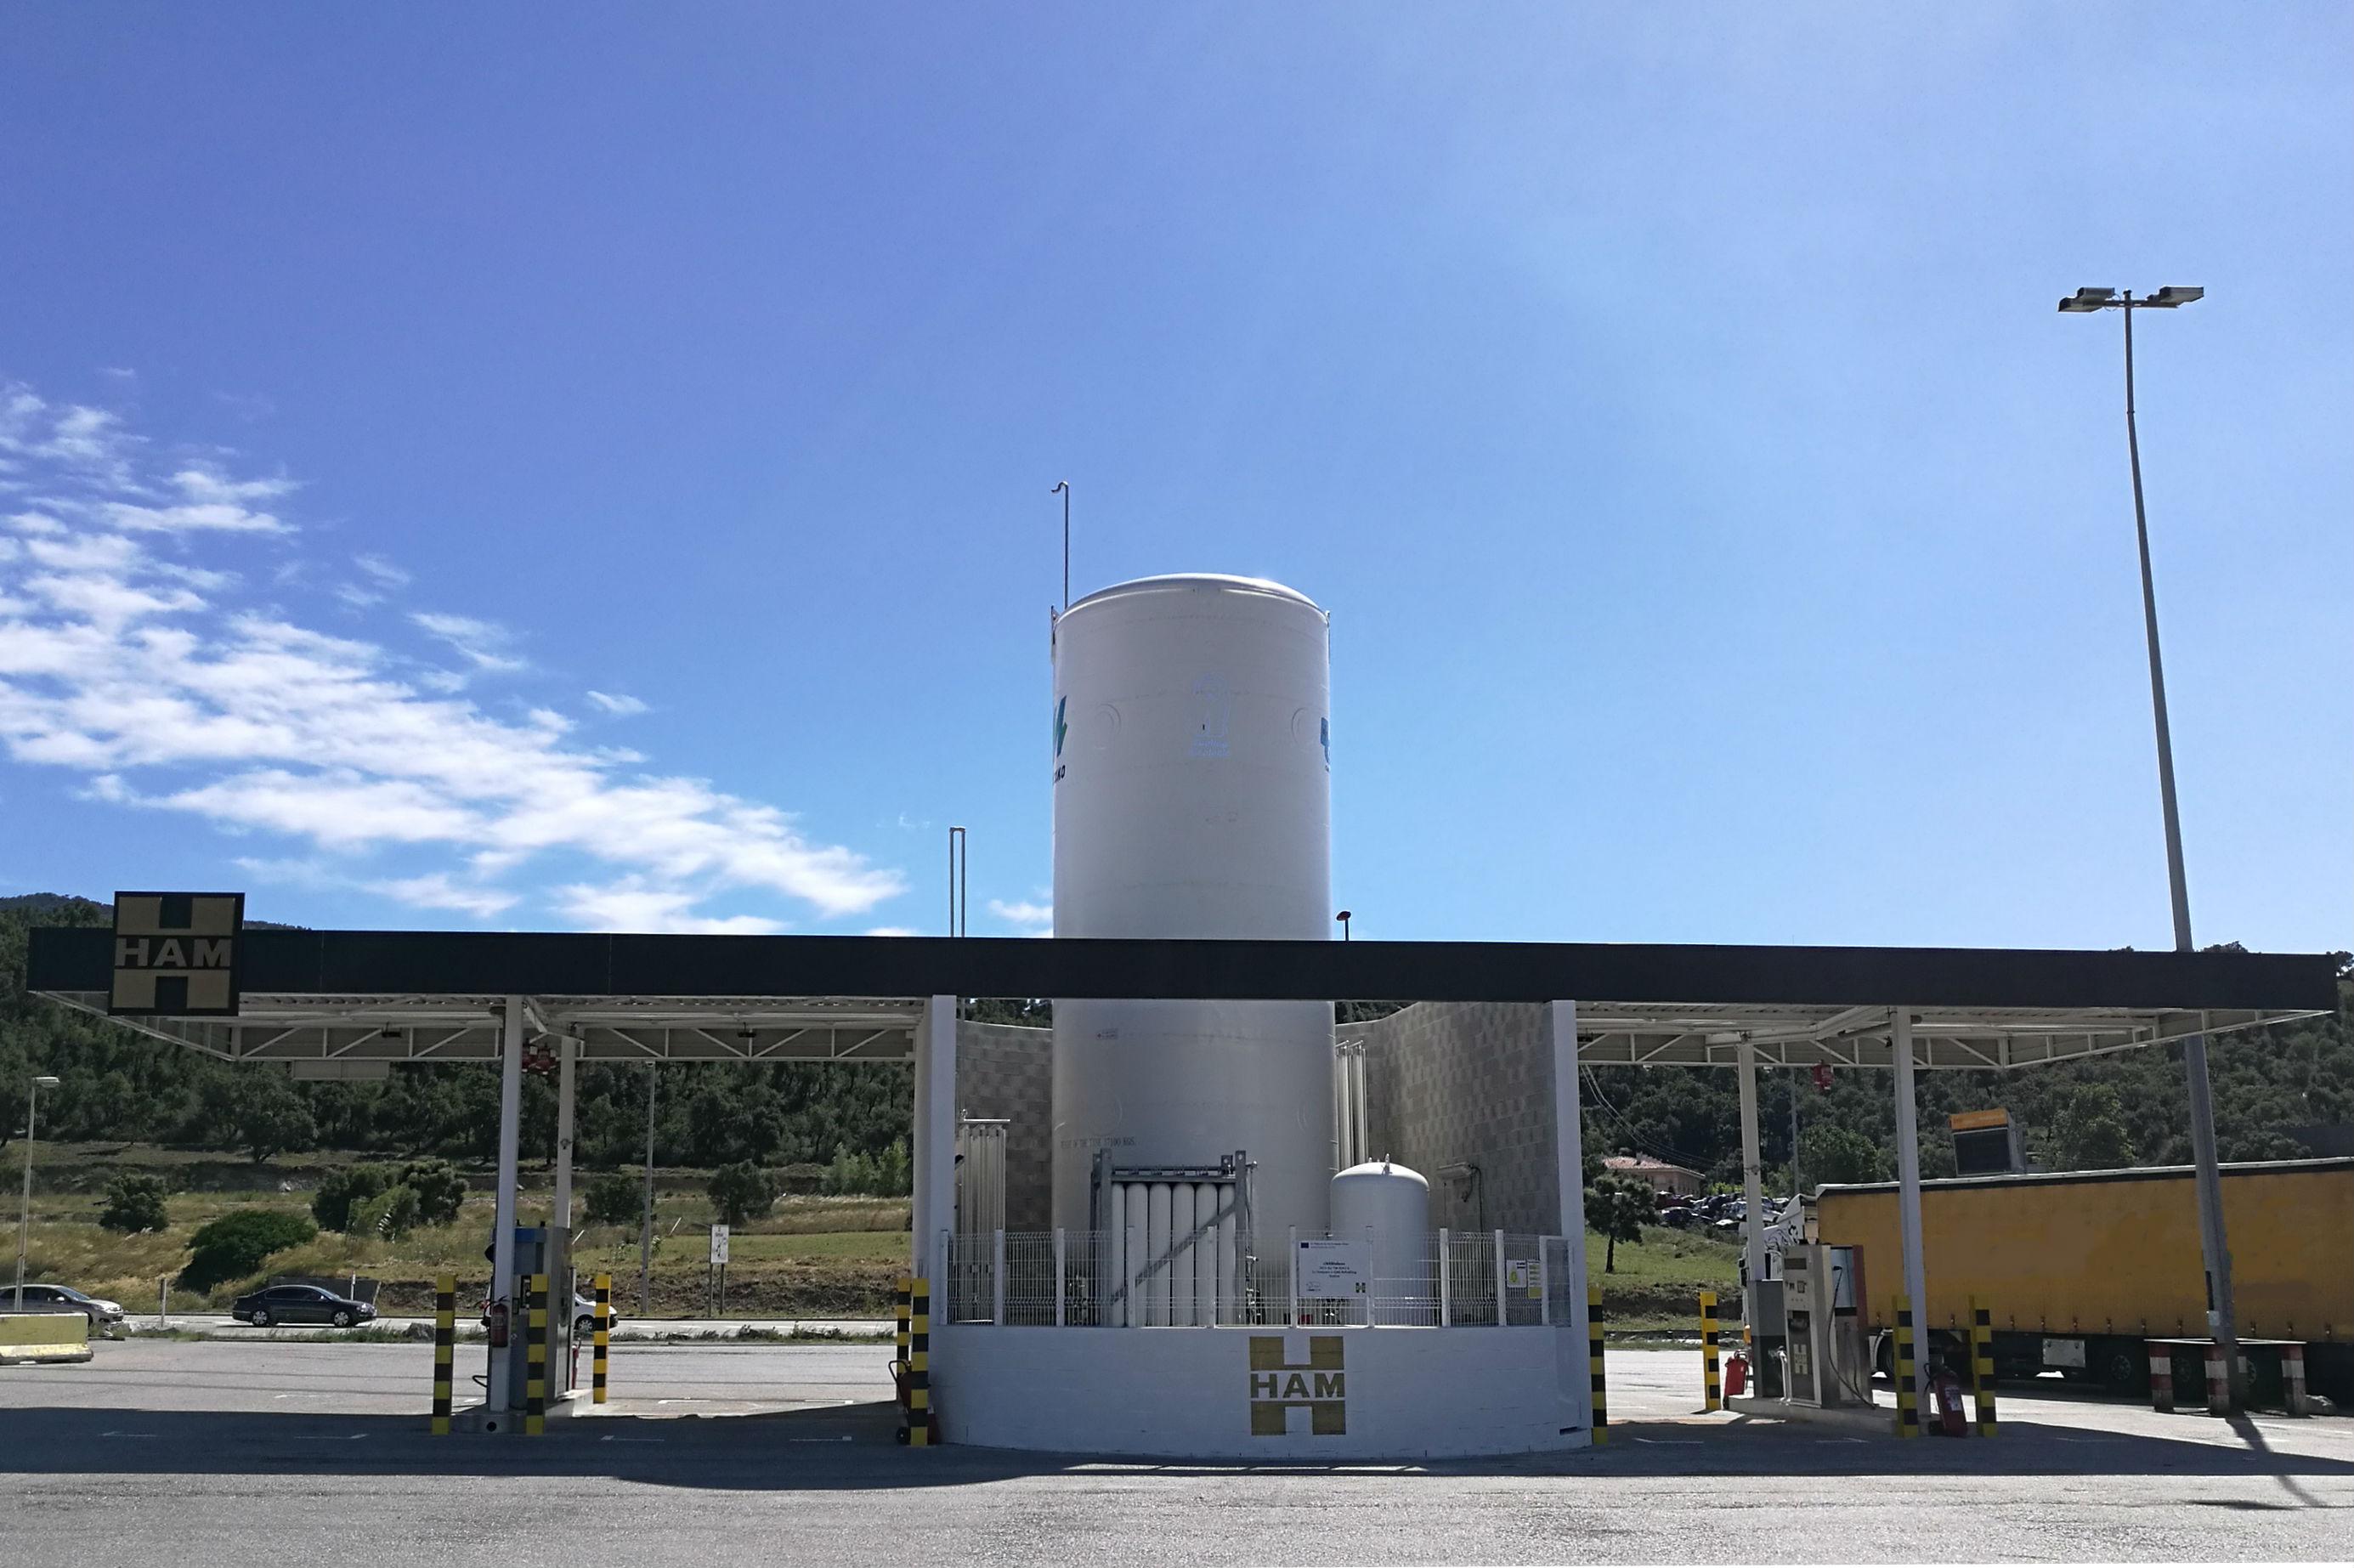 Grupo ham estaciones de servicio de gas natural licuado gnl for Gas natural servicios